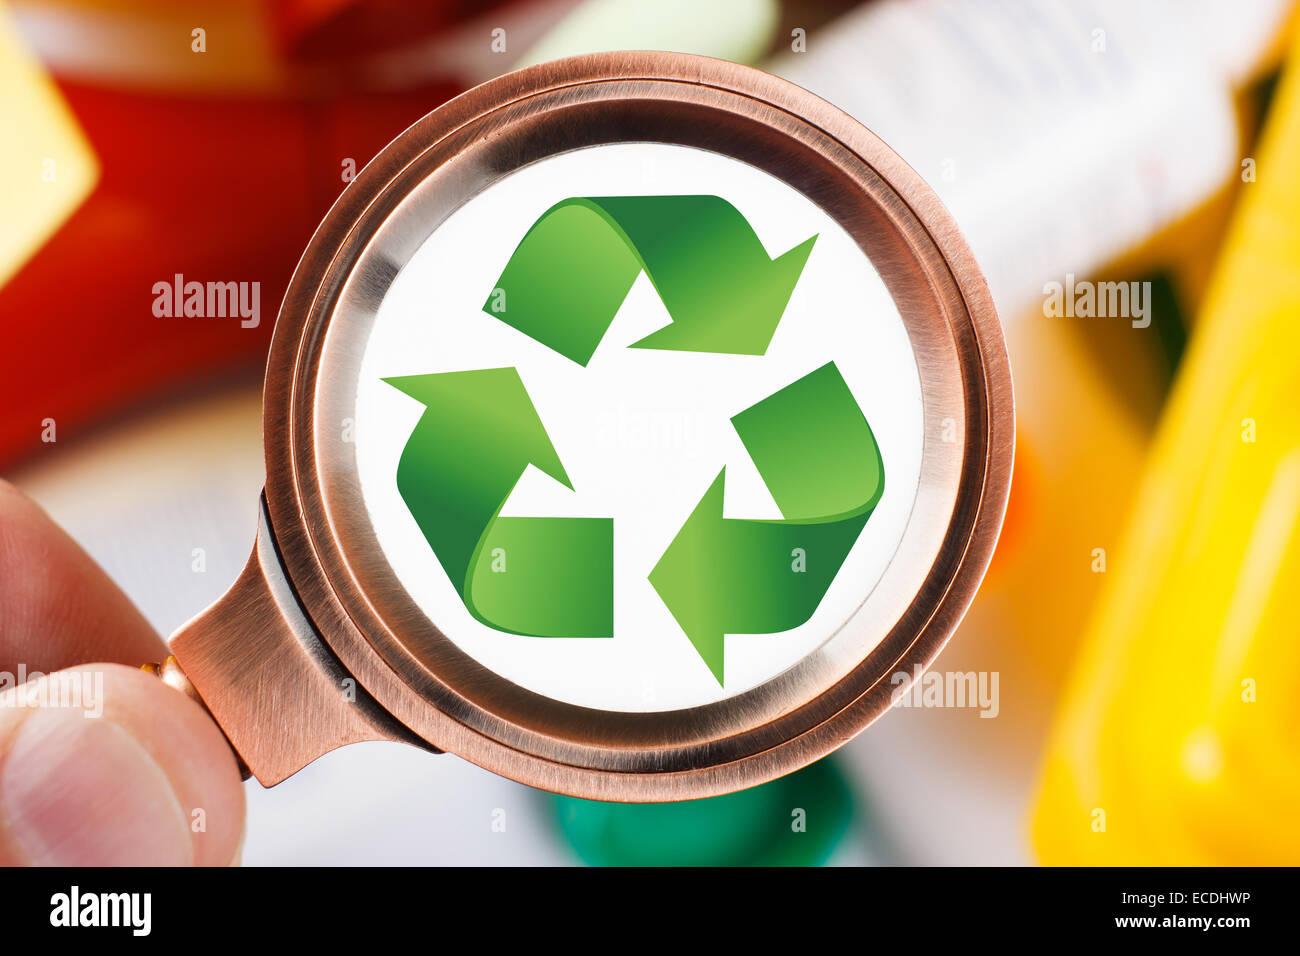 Hombres buscando un símbolo de reciclaje de basura plástica Imagen De Stock